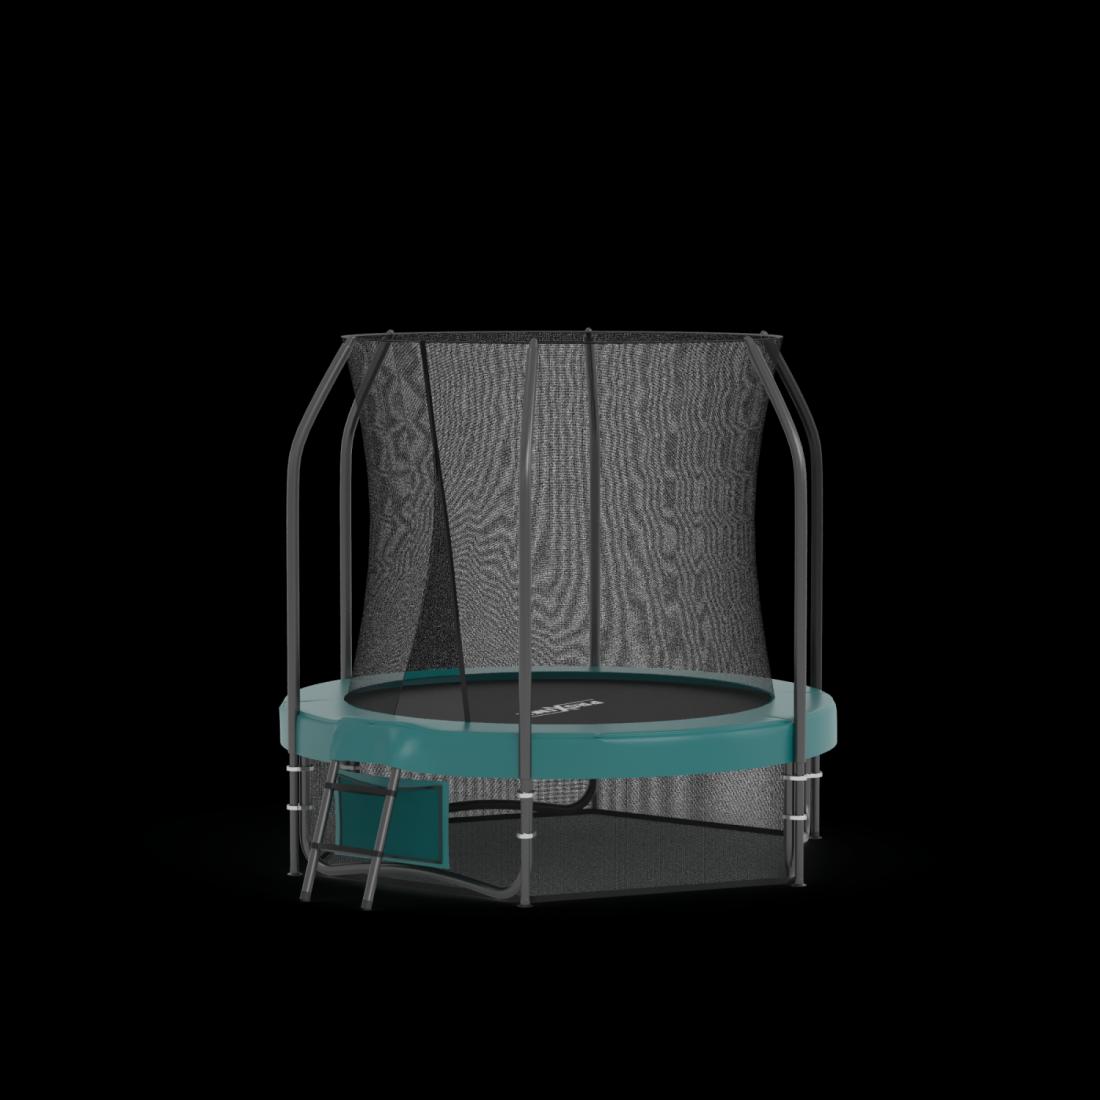 Батут Proxima Premium (183 см, до 120 кг)